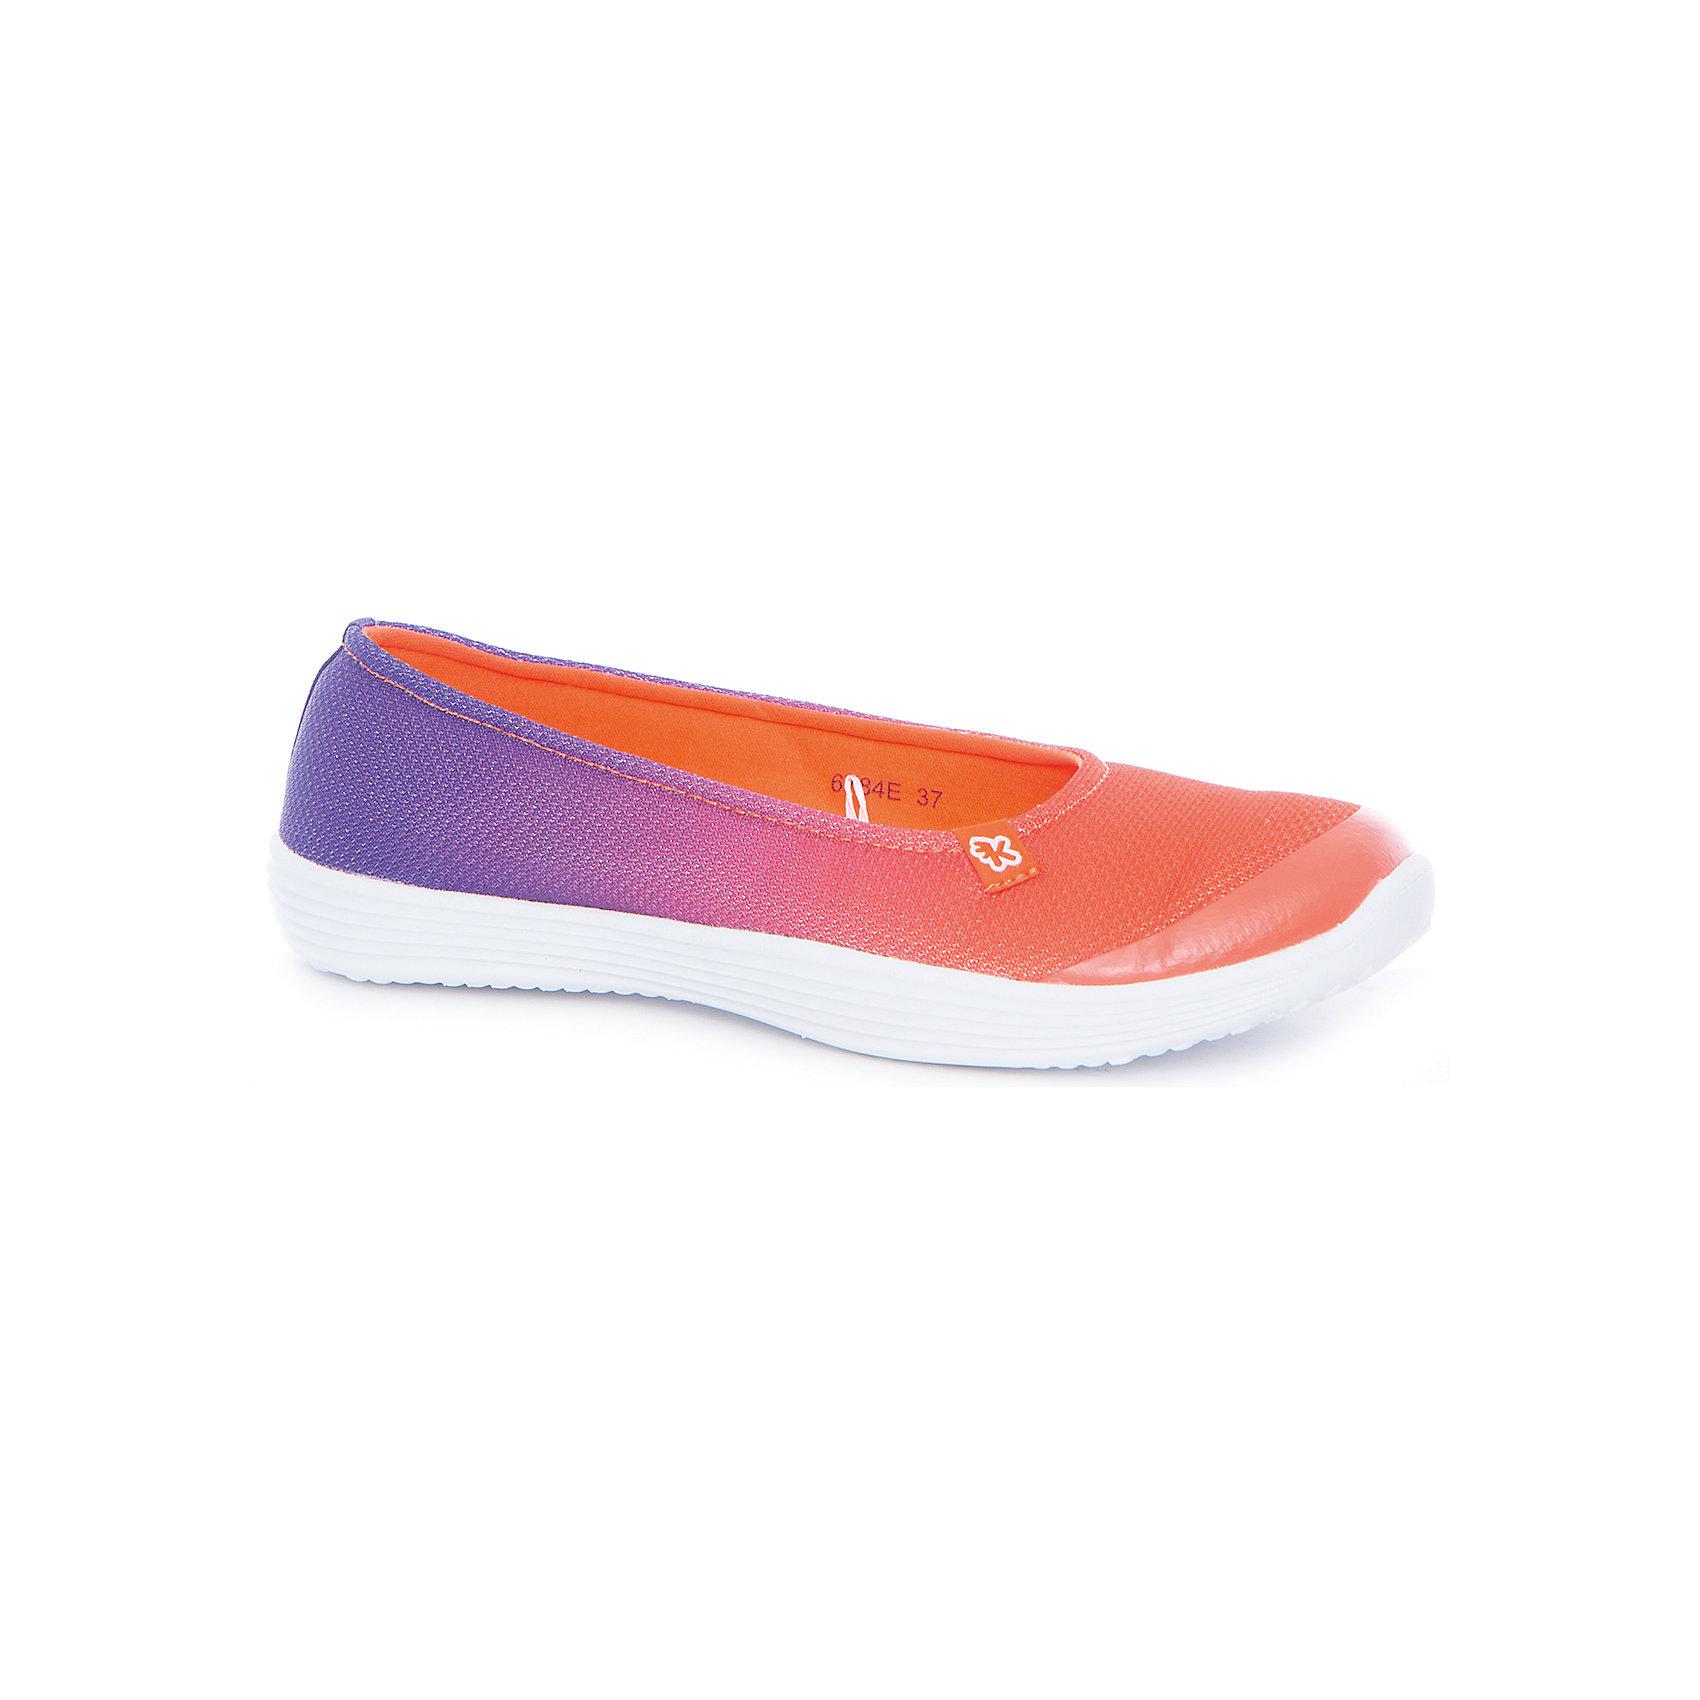 Туфли для девочки KakaduТуфли<br>Характеристики:<br><br>• цвет: оранжевый/фиолетовый<br>• внешний материал: текстиль<br>• внутренний материал: текстиль<br>• стелька: текстиль<br>• подошва: ЭВА<br>• высота подошвы: 1,5 см<br>• съёмная ультрамягкая стелька<br>• облегчённая подошва<br>• тип застежки: без застежки<br>• сезон: лето<br>• тип обуви: туфли<br>• тип подошвы: рифлёная<br>• способ крепления подошвы: литая<br>• уход: удаление загрязнений мягкой щеткой<br><br>Верх изделия – текстиля и полиэстера, что обеспечивает хорошую воздухопроницаемость, гигиеничность, высокую устойчивость к изменению цвета и формы. Подошва выполнена из этиленвинилацетата, который не утяжеляет вес обуви и при этом обеспечивает ее гибкость. Туфли имеют классическую форму и стильный дизайн.<br><br>Туфли для девочки KAKADU можно купить в нашем интернет-магазине.<br><br>Ширина мм: 227<br>Глубина мм: 145<br>Высота мм: 124<br>Вес г: 325<br>Цвет: оранжевый<br>Возраст от месяцев: 156<br>Возраст до месяцев: 168<br>Пол: Женский<br>Возраст: Детский<br>Размер: 37,32,33,34,35,36<br>SKU: 5386867